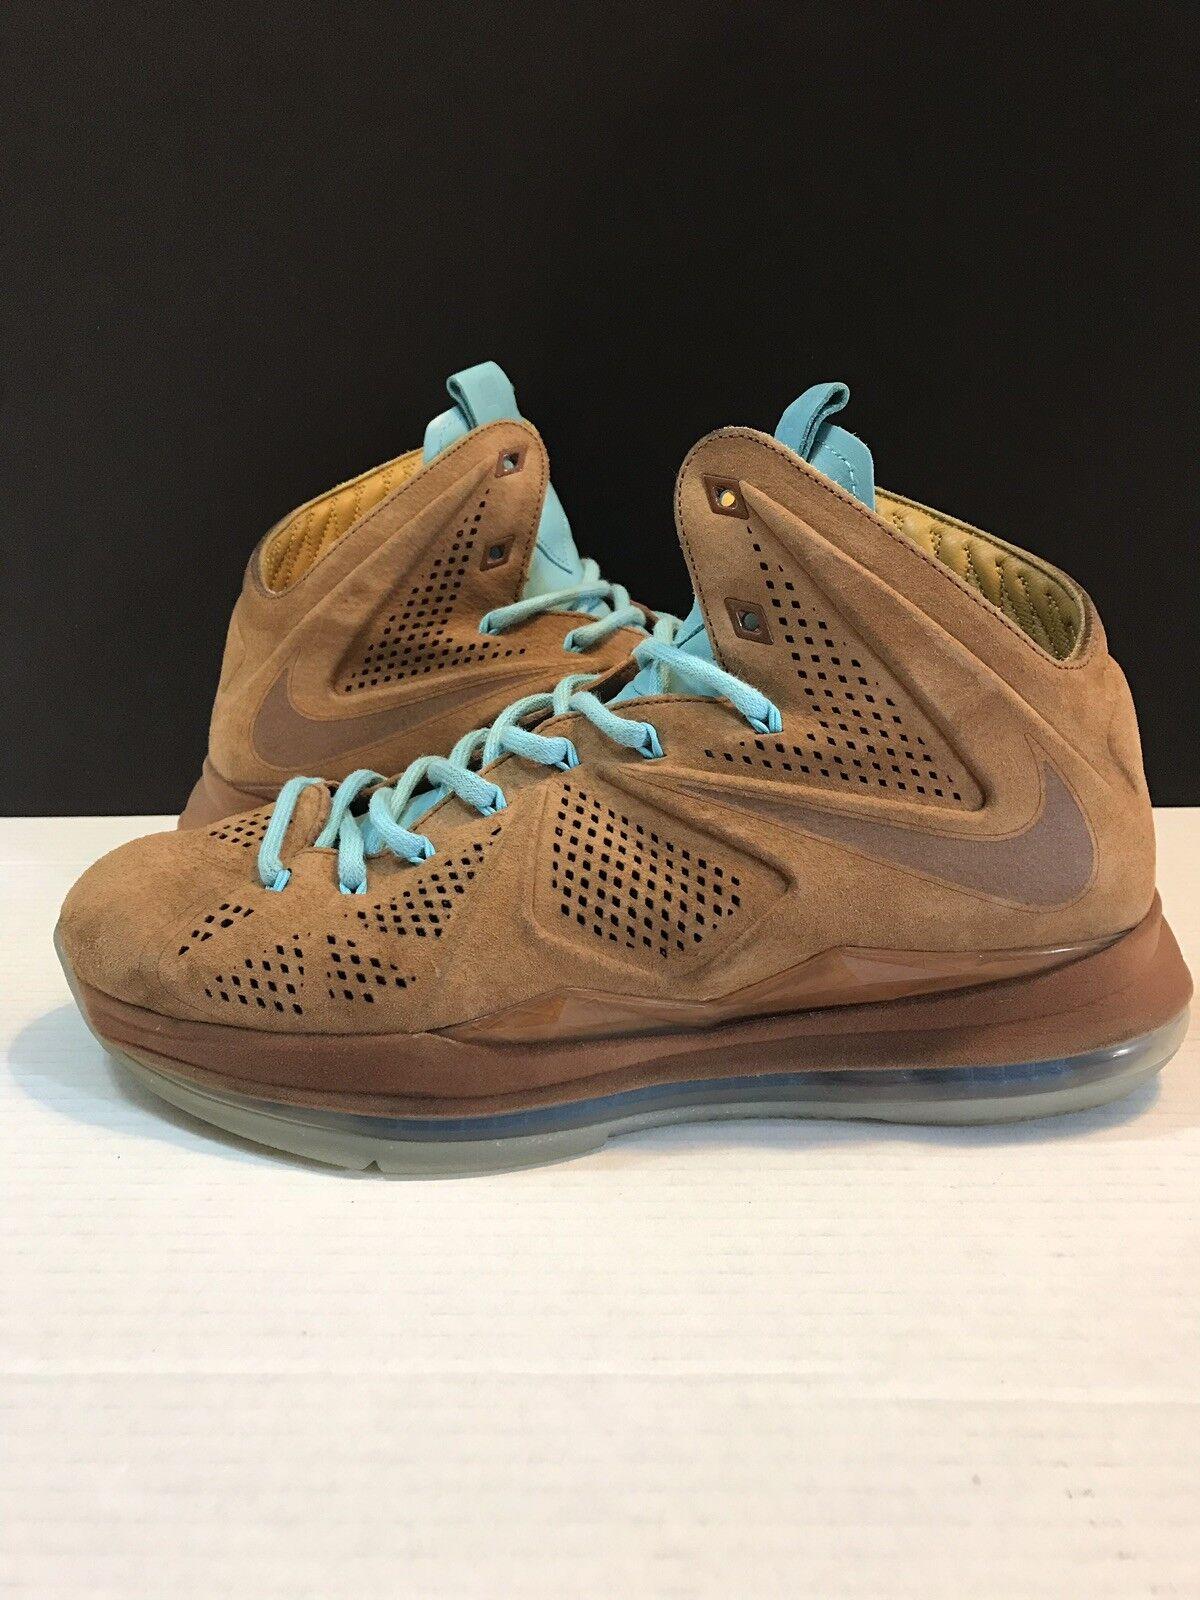 best sneakers f322d 463a0 Nike Lebron 10 X Ext Nocciola Marrone Scamosciato Taglia Taglia Taglia 10  607078-200 Sughero. Uomo ...